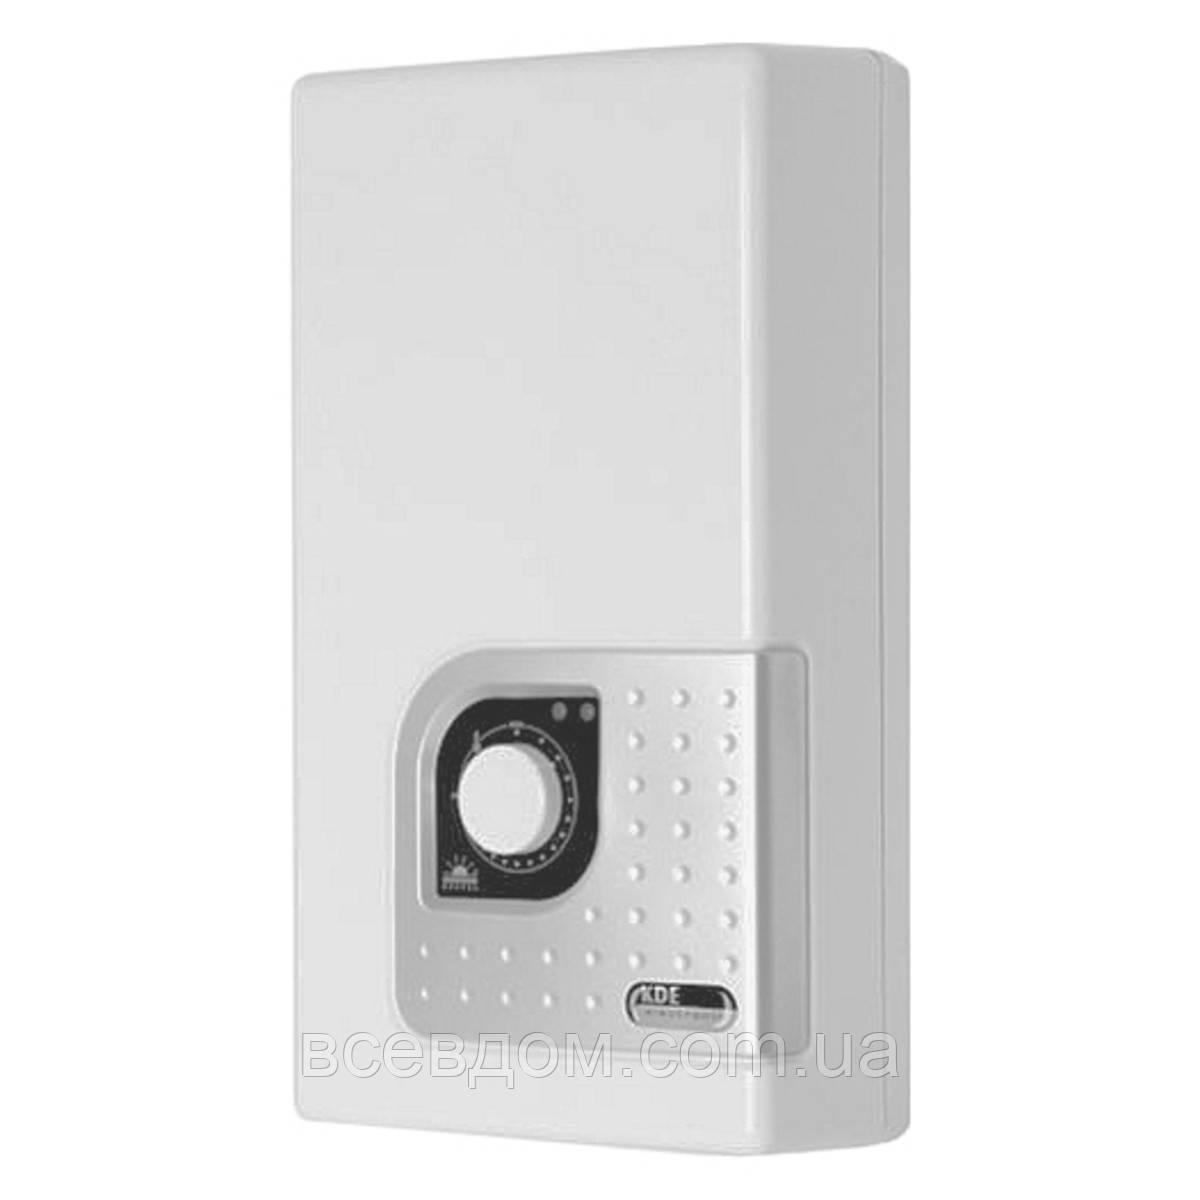 Проточный водонагреватель Kospel KDH - 9 luxus